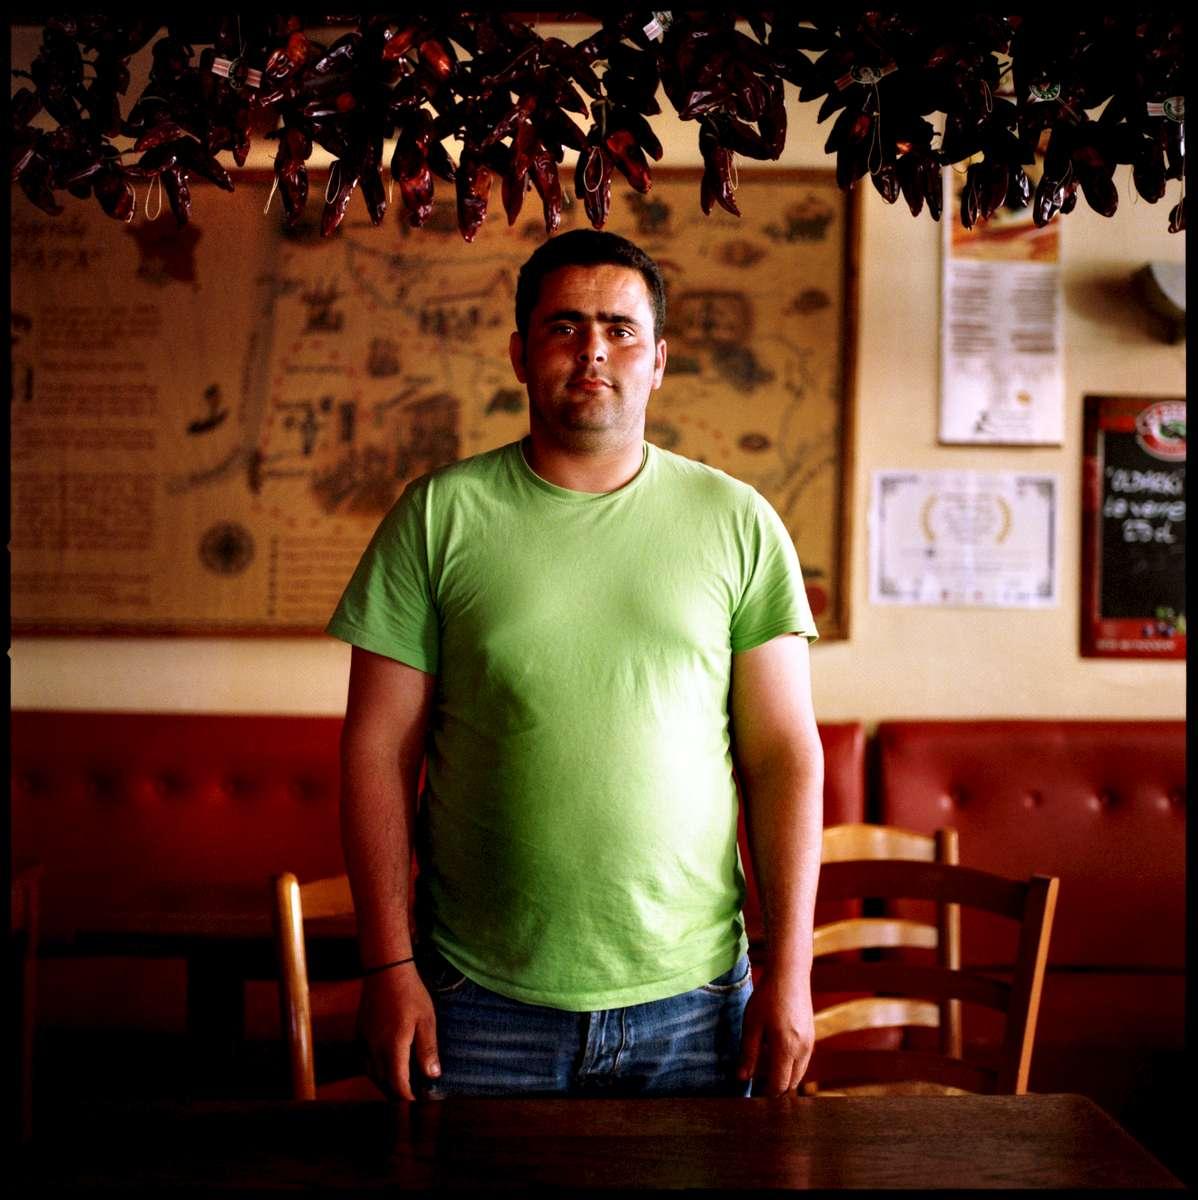 Mahdi, employé sans papiers du restaurant CHEZ PAPA, est en grève et en attente de régularisation. A la date du 30 mai 2008, 23 des 39 travailleurs sans papiers de cette enseigne avaient déjà été régularisés. Ils occupent le restaurant CHEZ PAPA situé rue Lafayette à Paris depuis le 15 avril 2008.